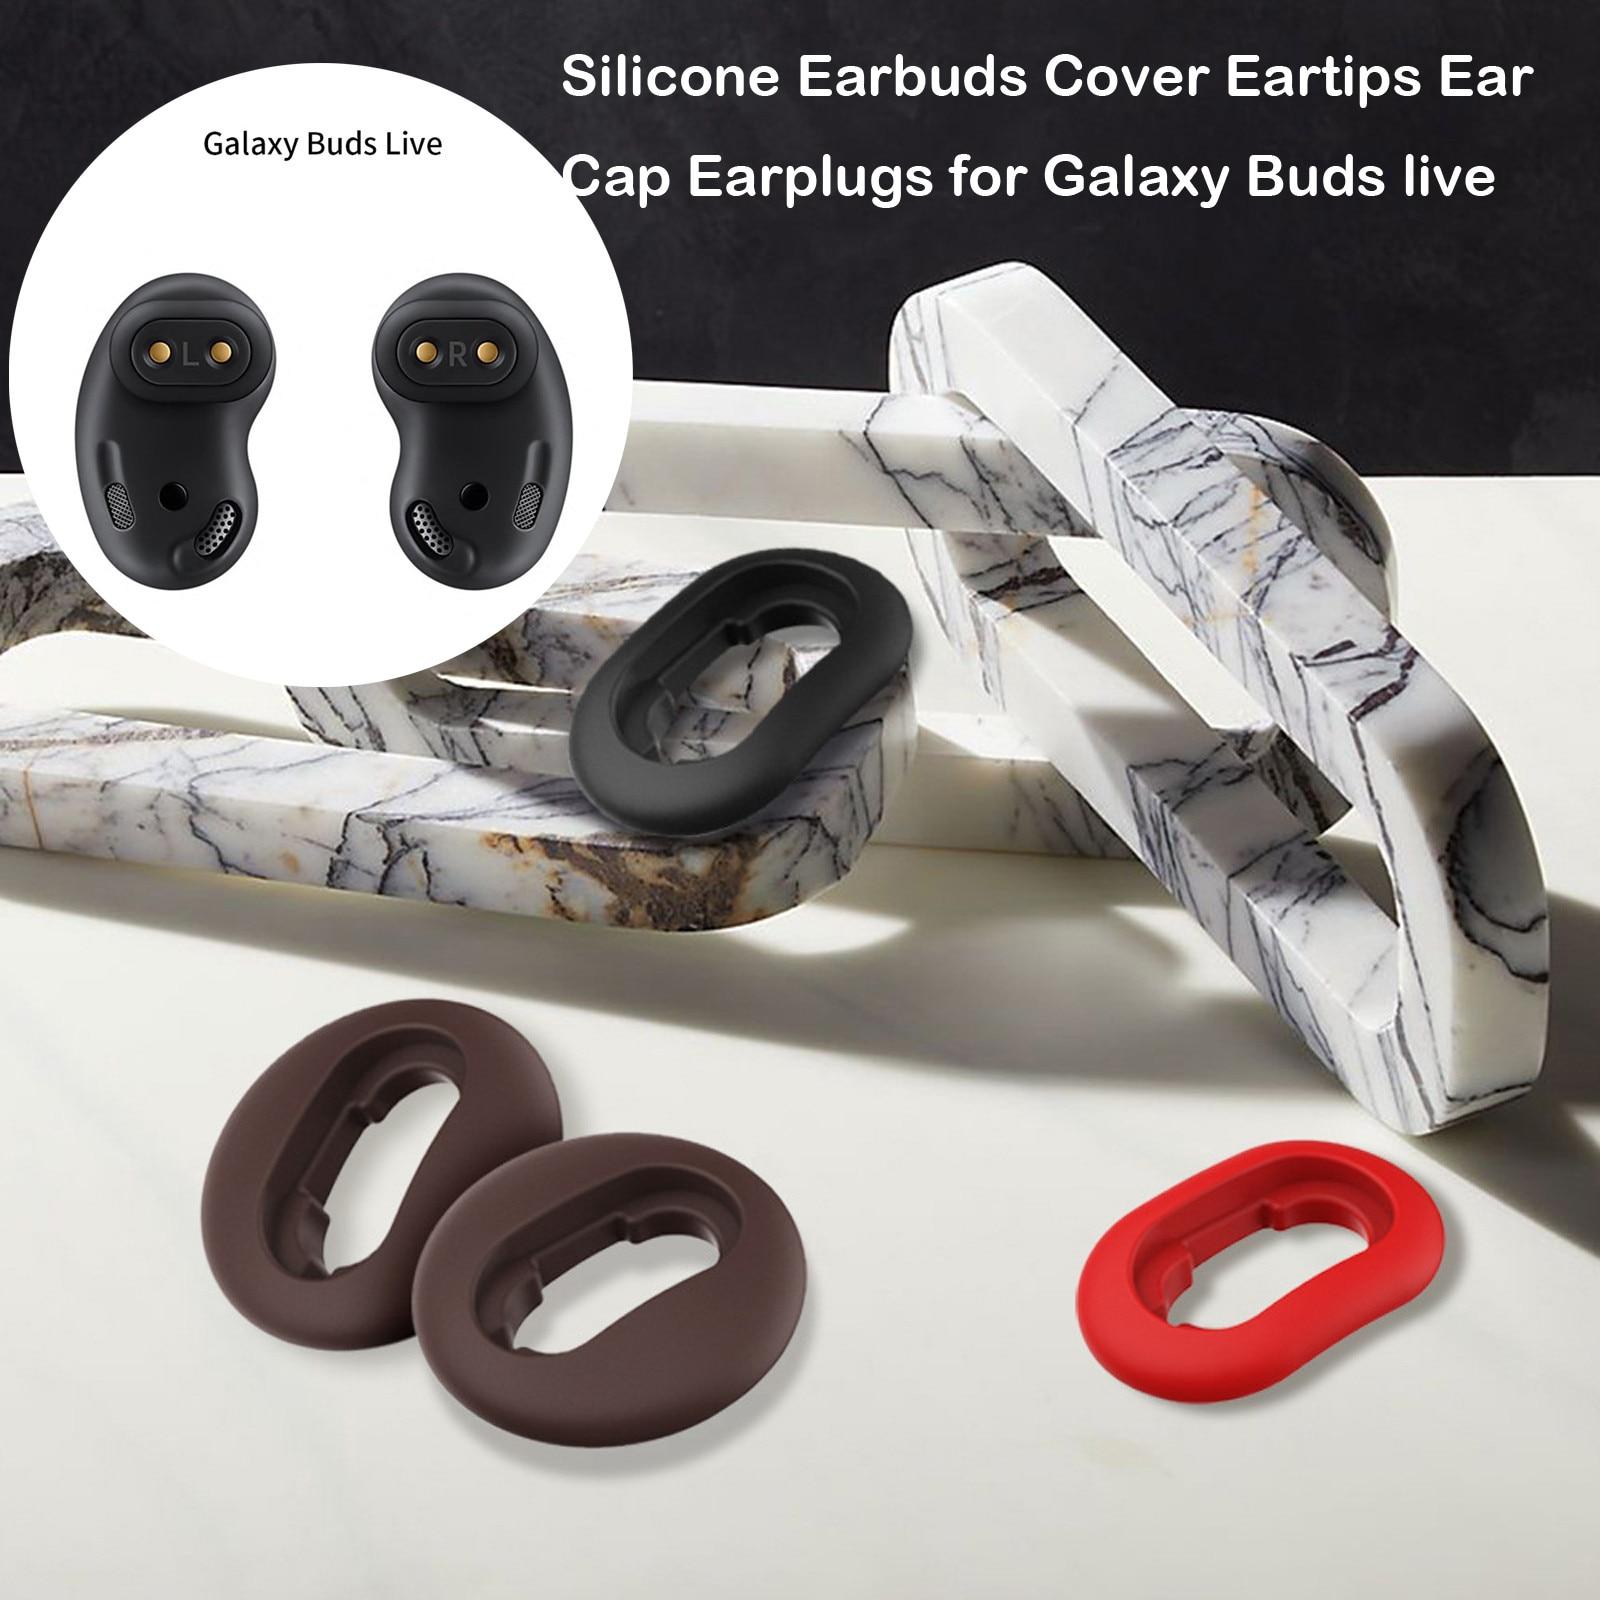 Funda de silicona para auriculares, tapones para los oídos para Galaxy Buds live, Bluetooth